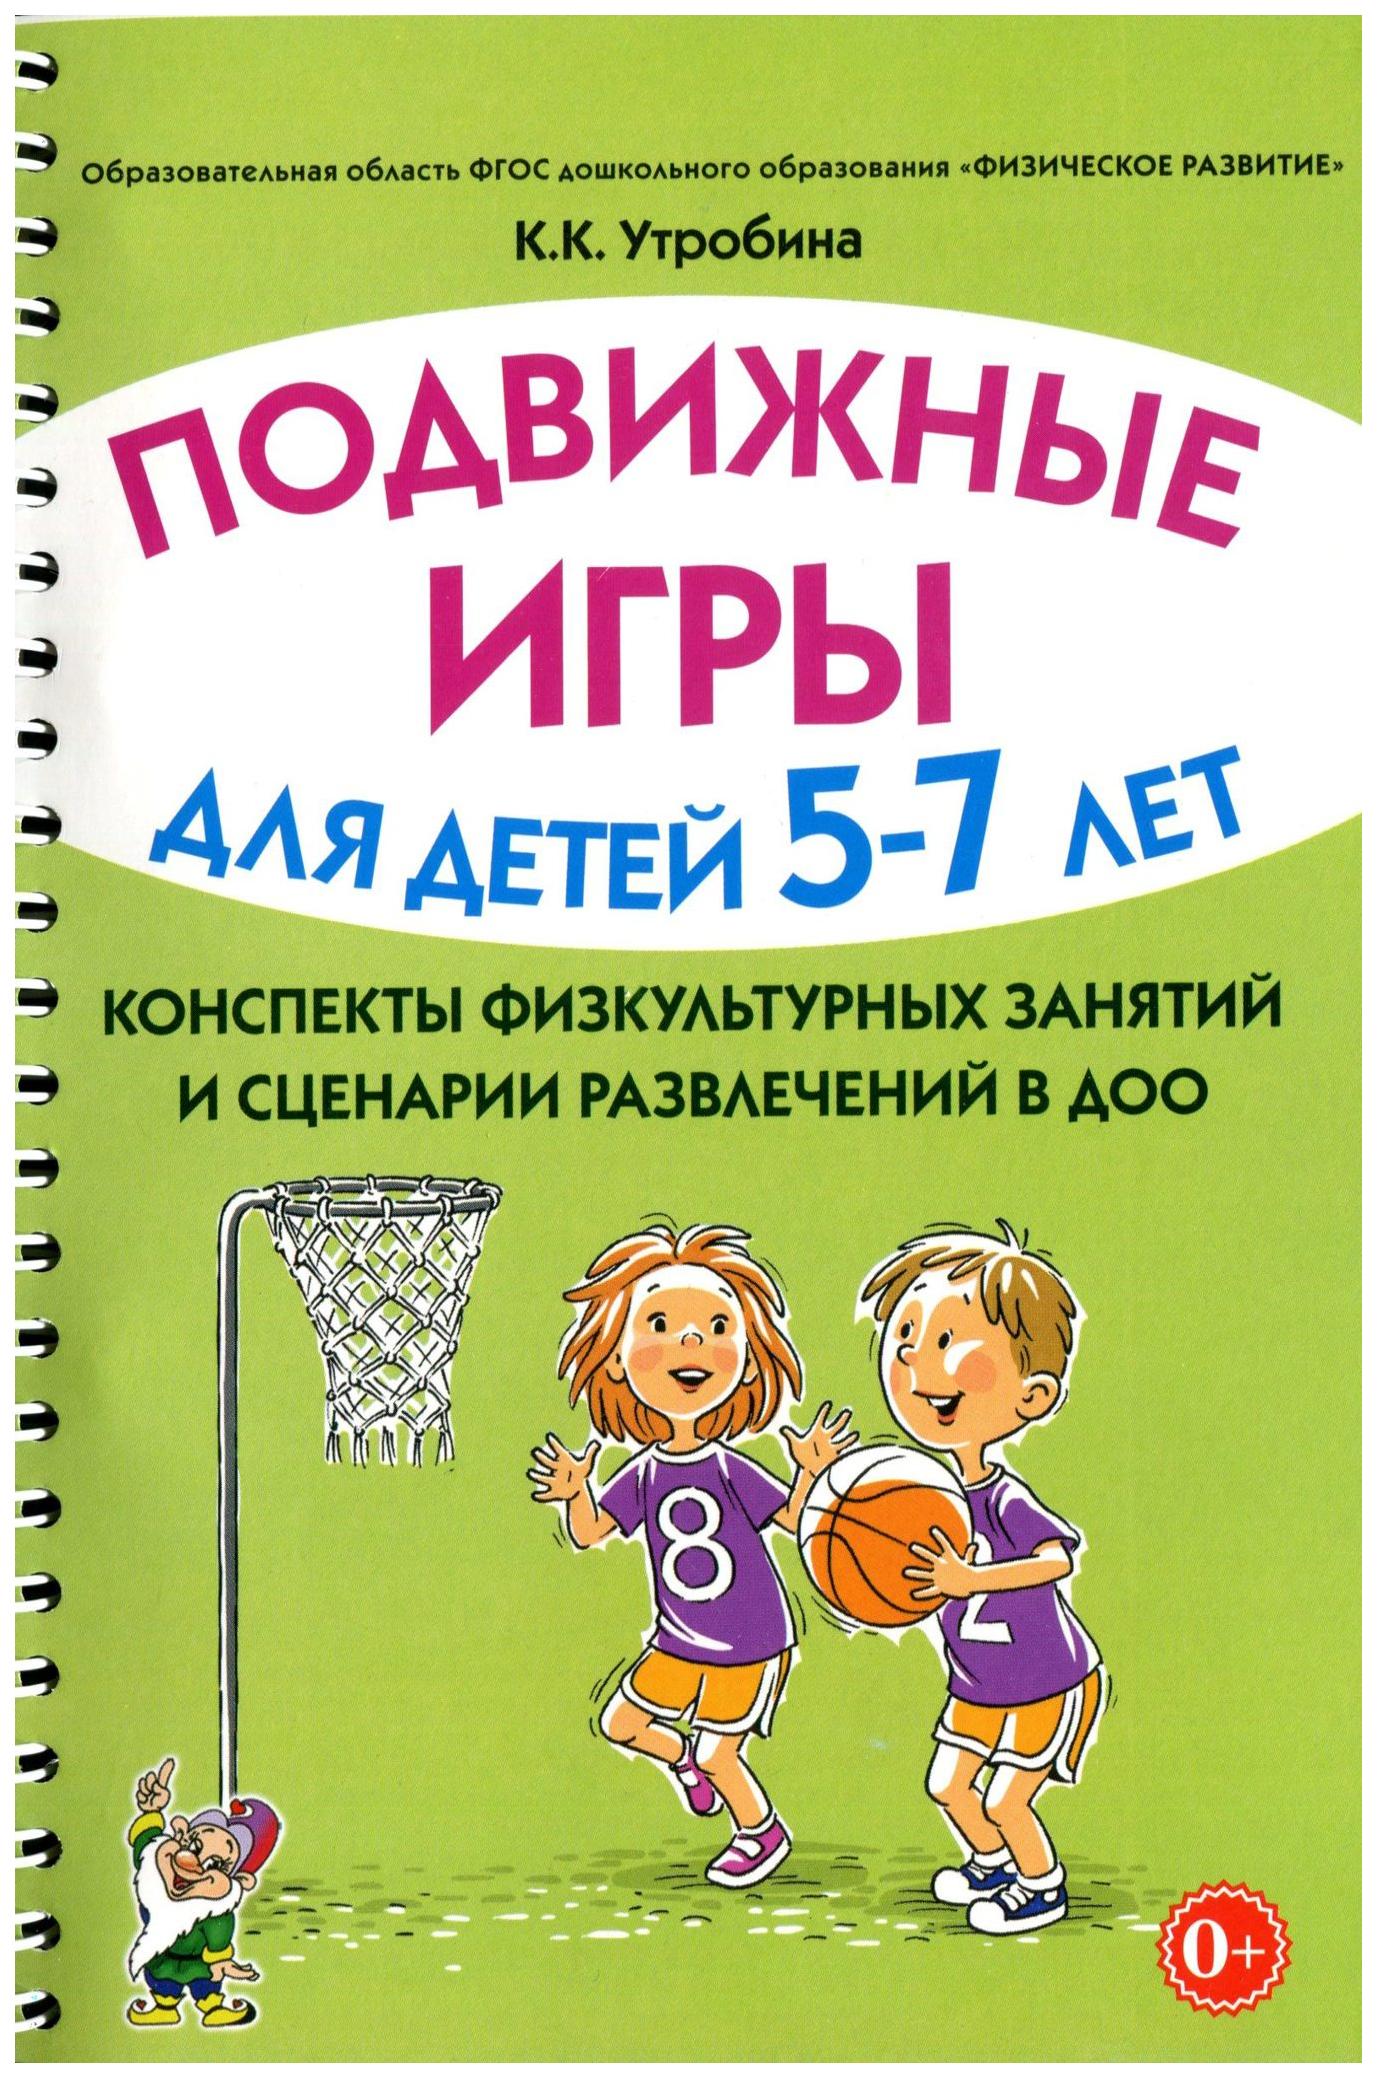 Книга Гном Утробина к. подвижные Игры для Детей 5-7 лет